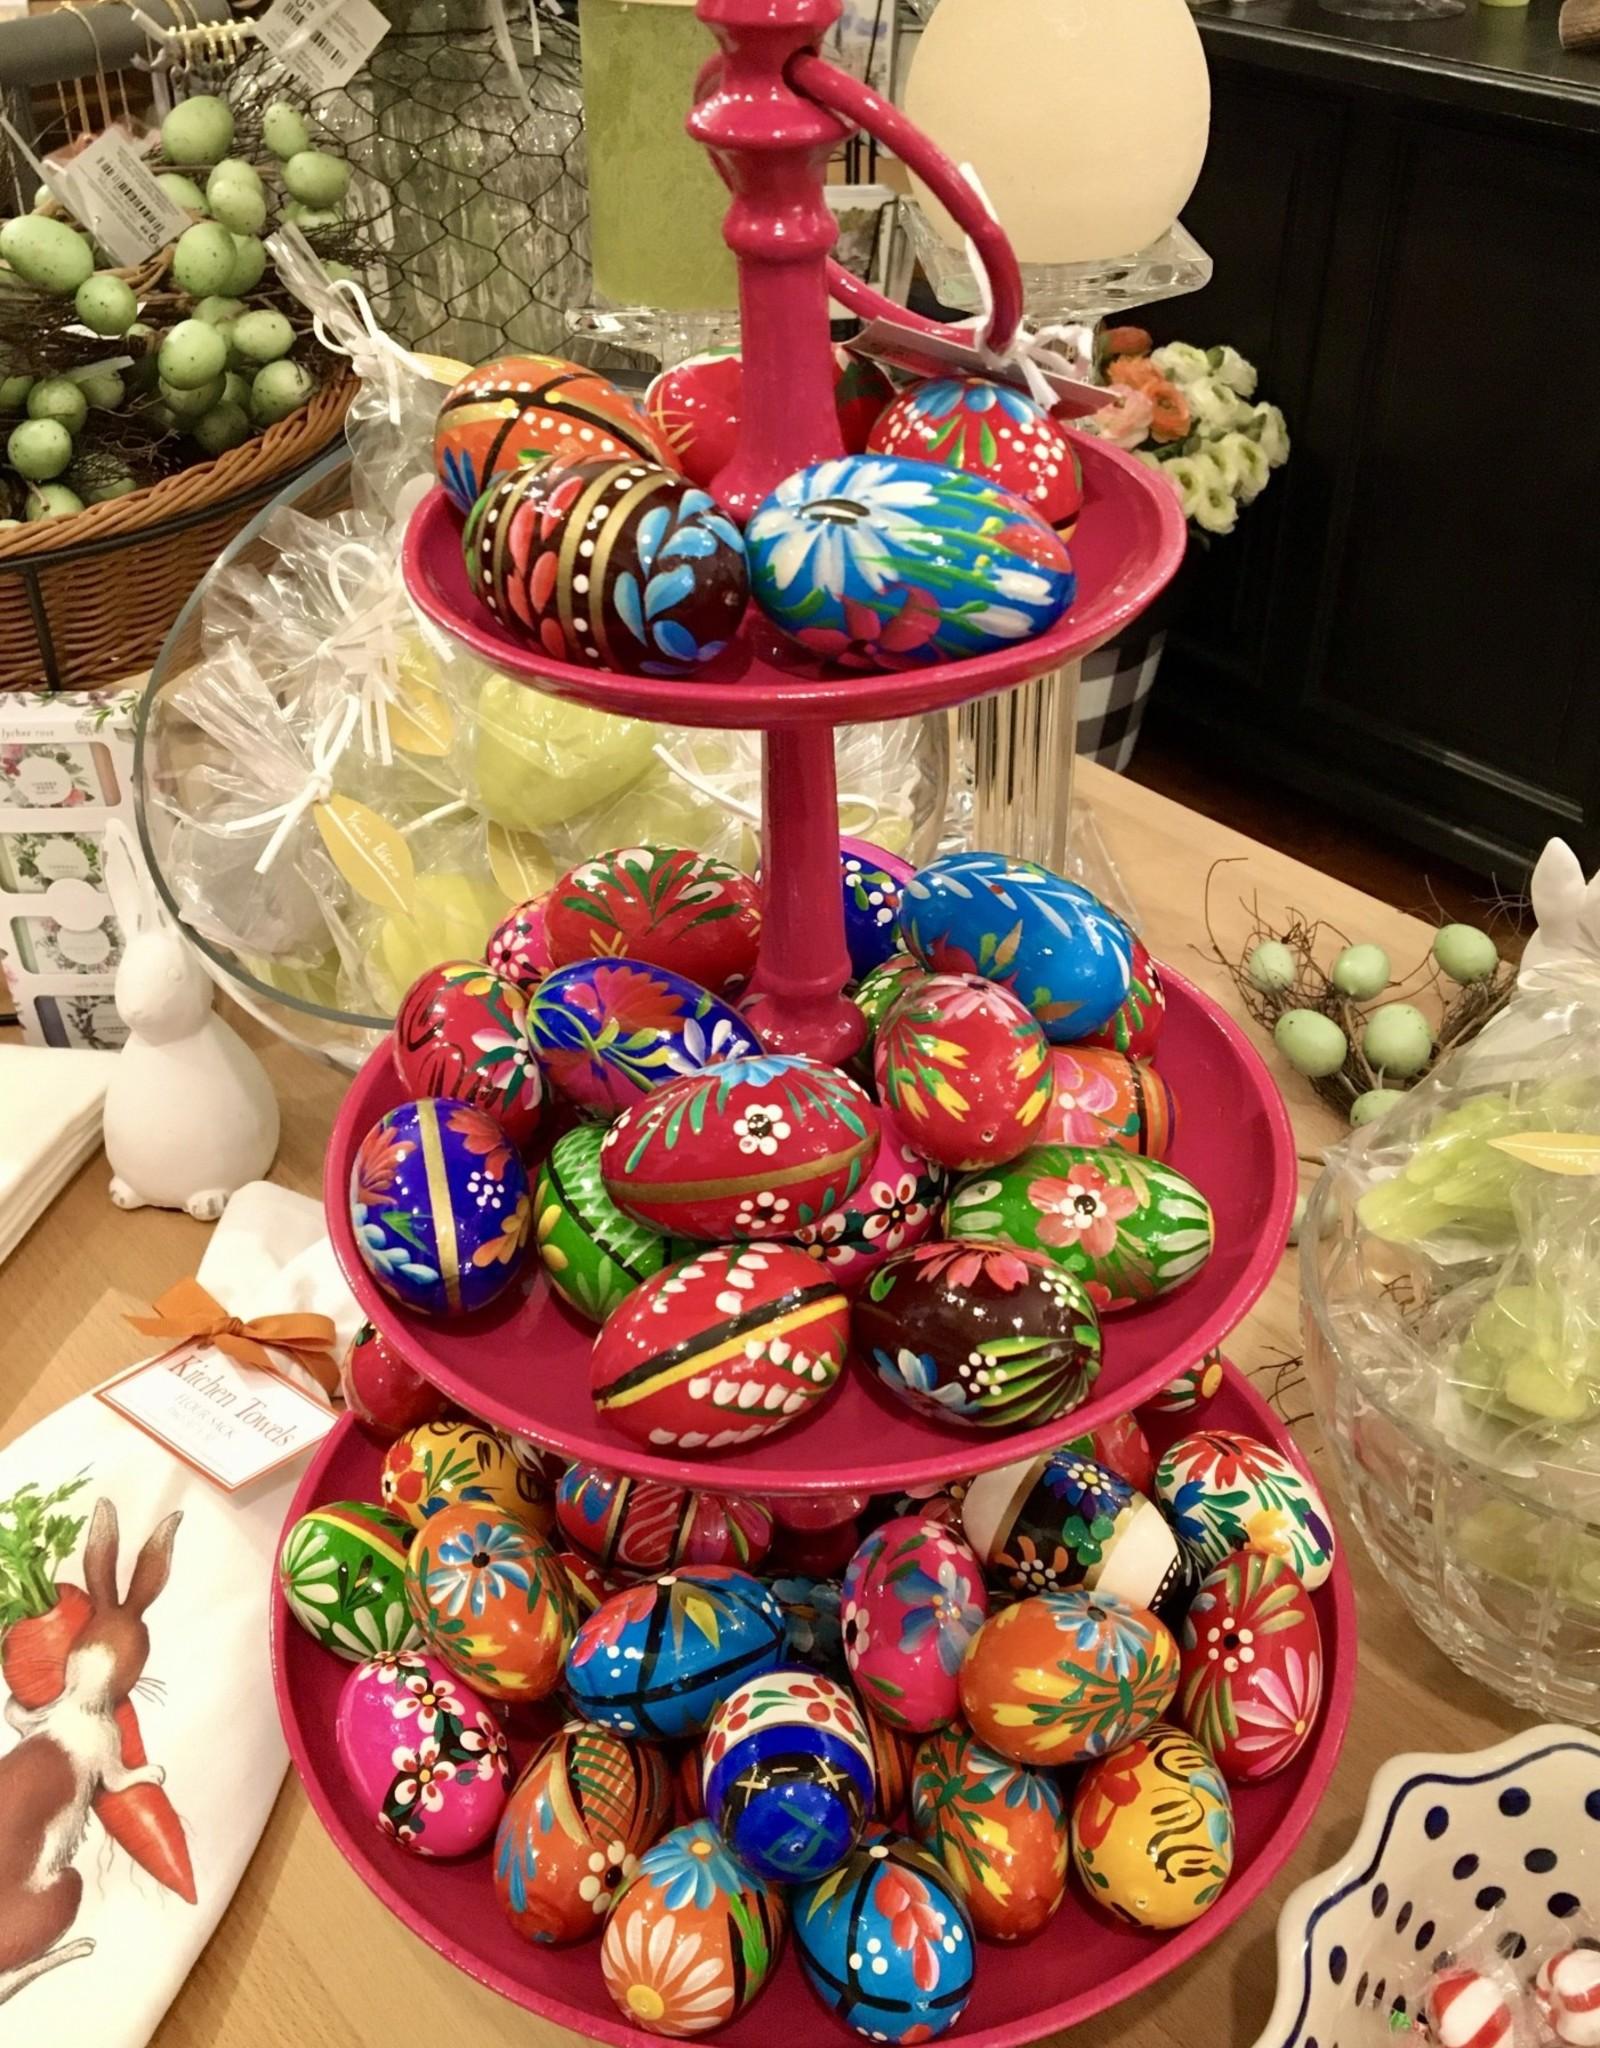 Polish Pisanki (wooden Easter eggs)